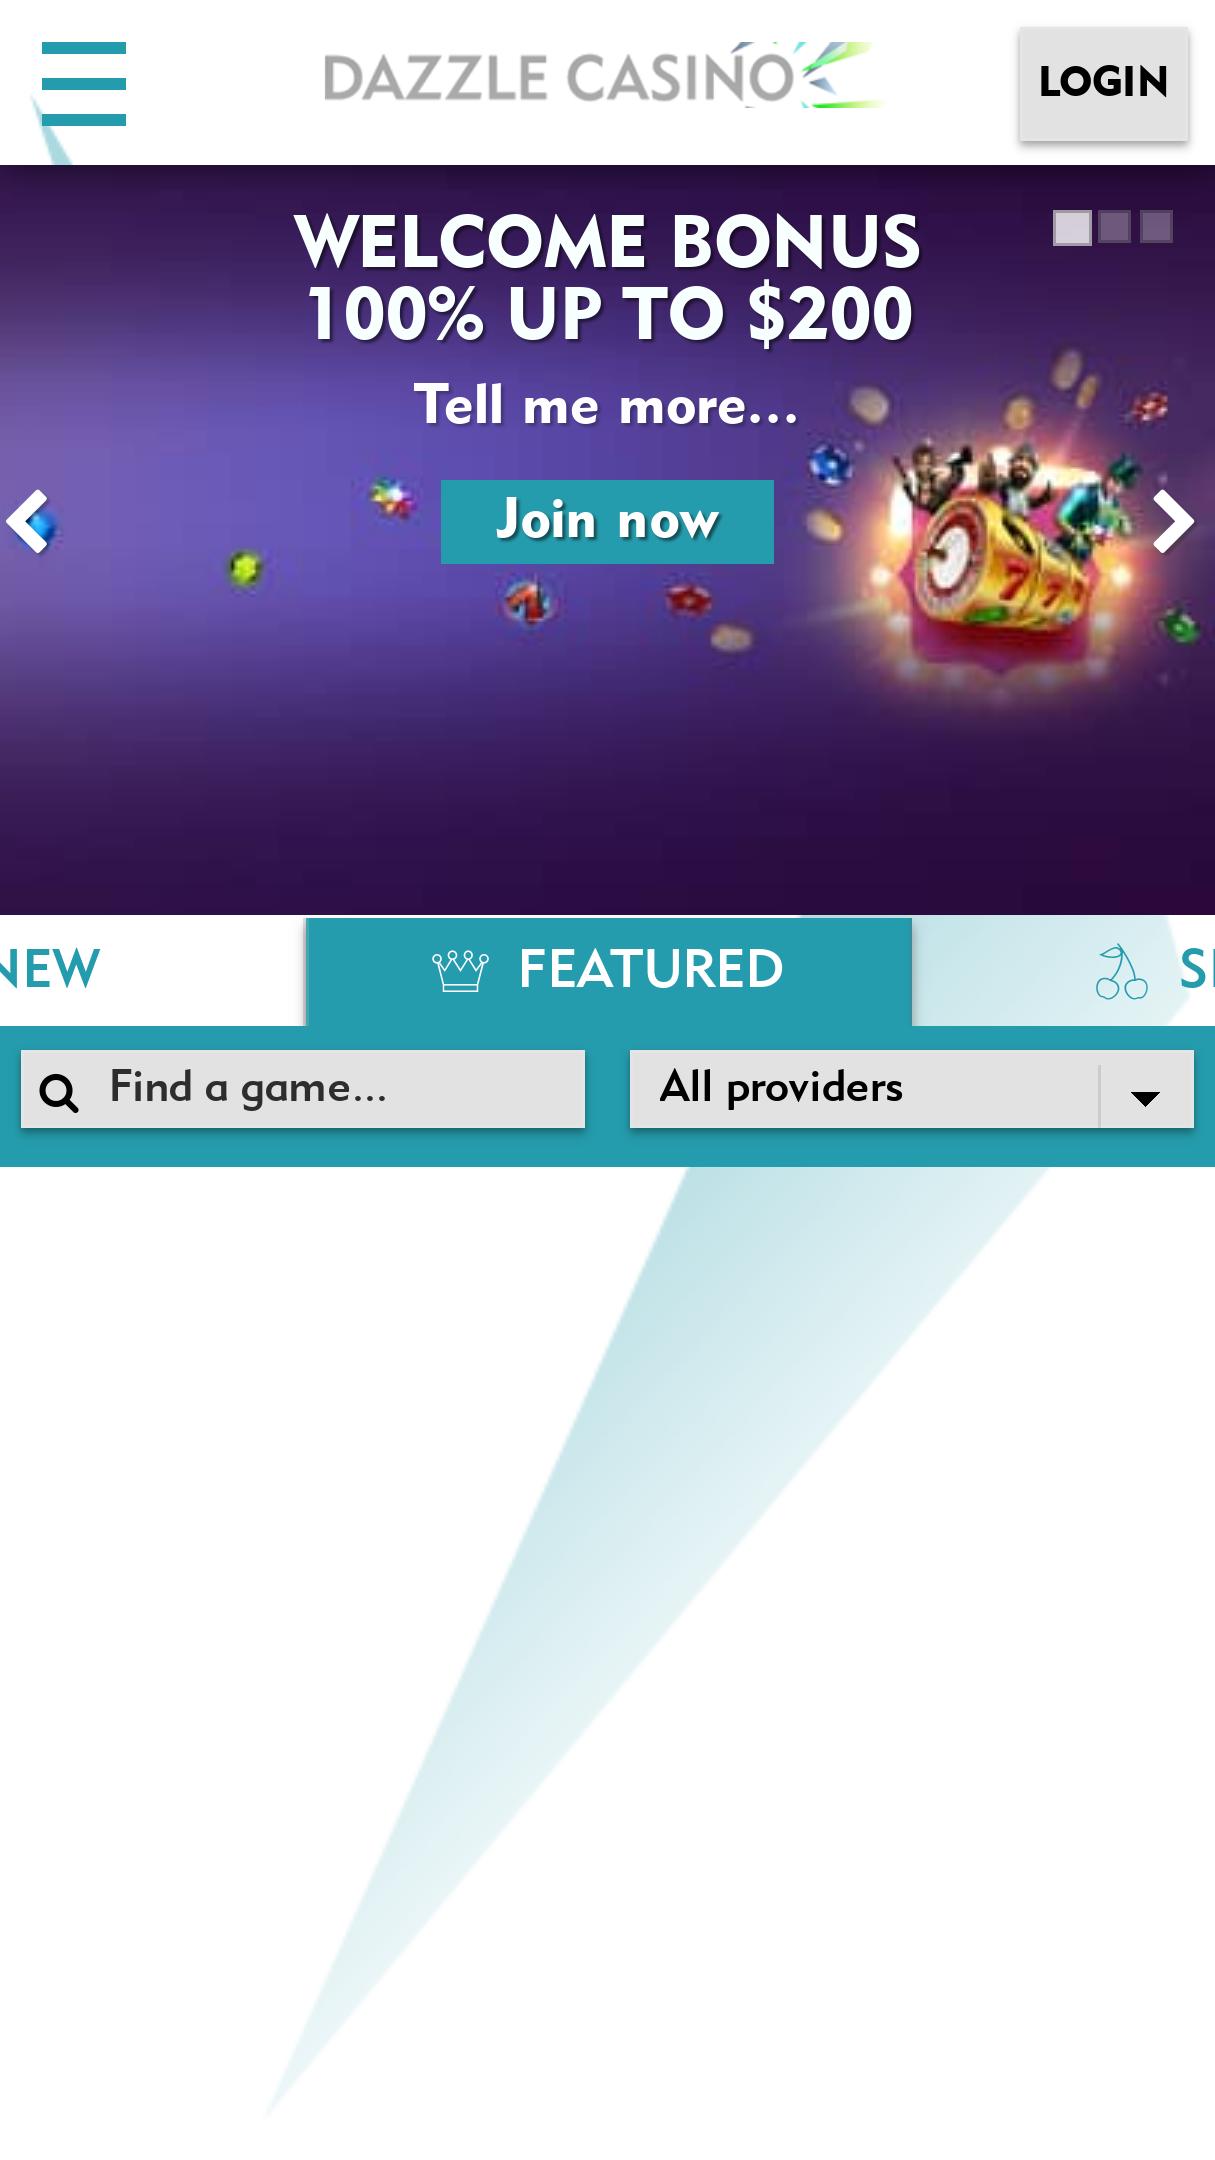 Promoção Roku casinos games 62258